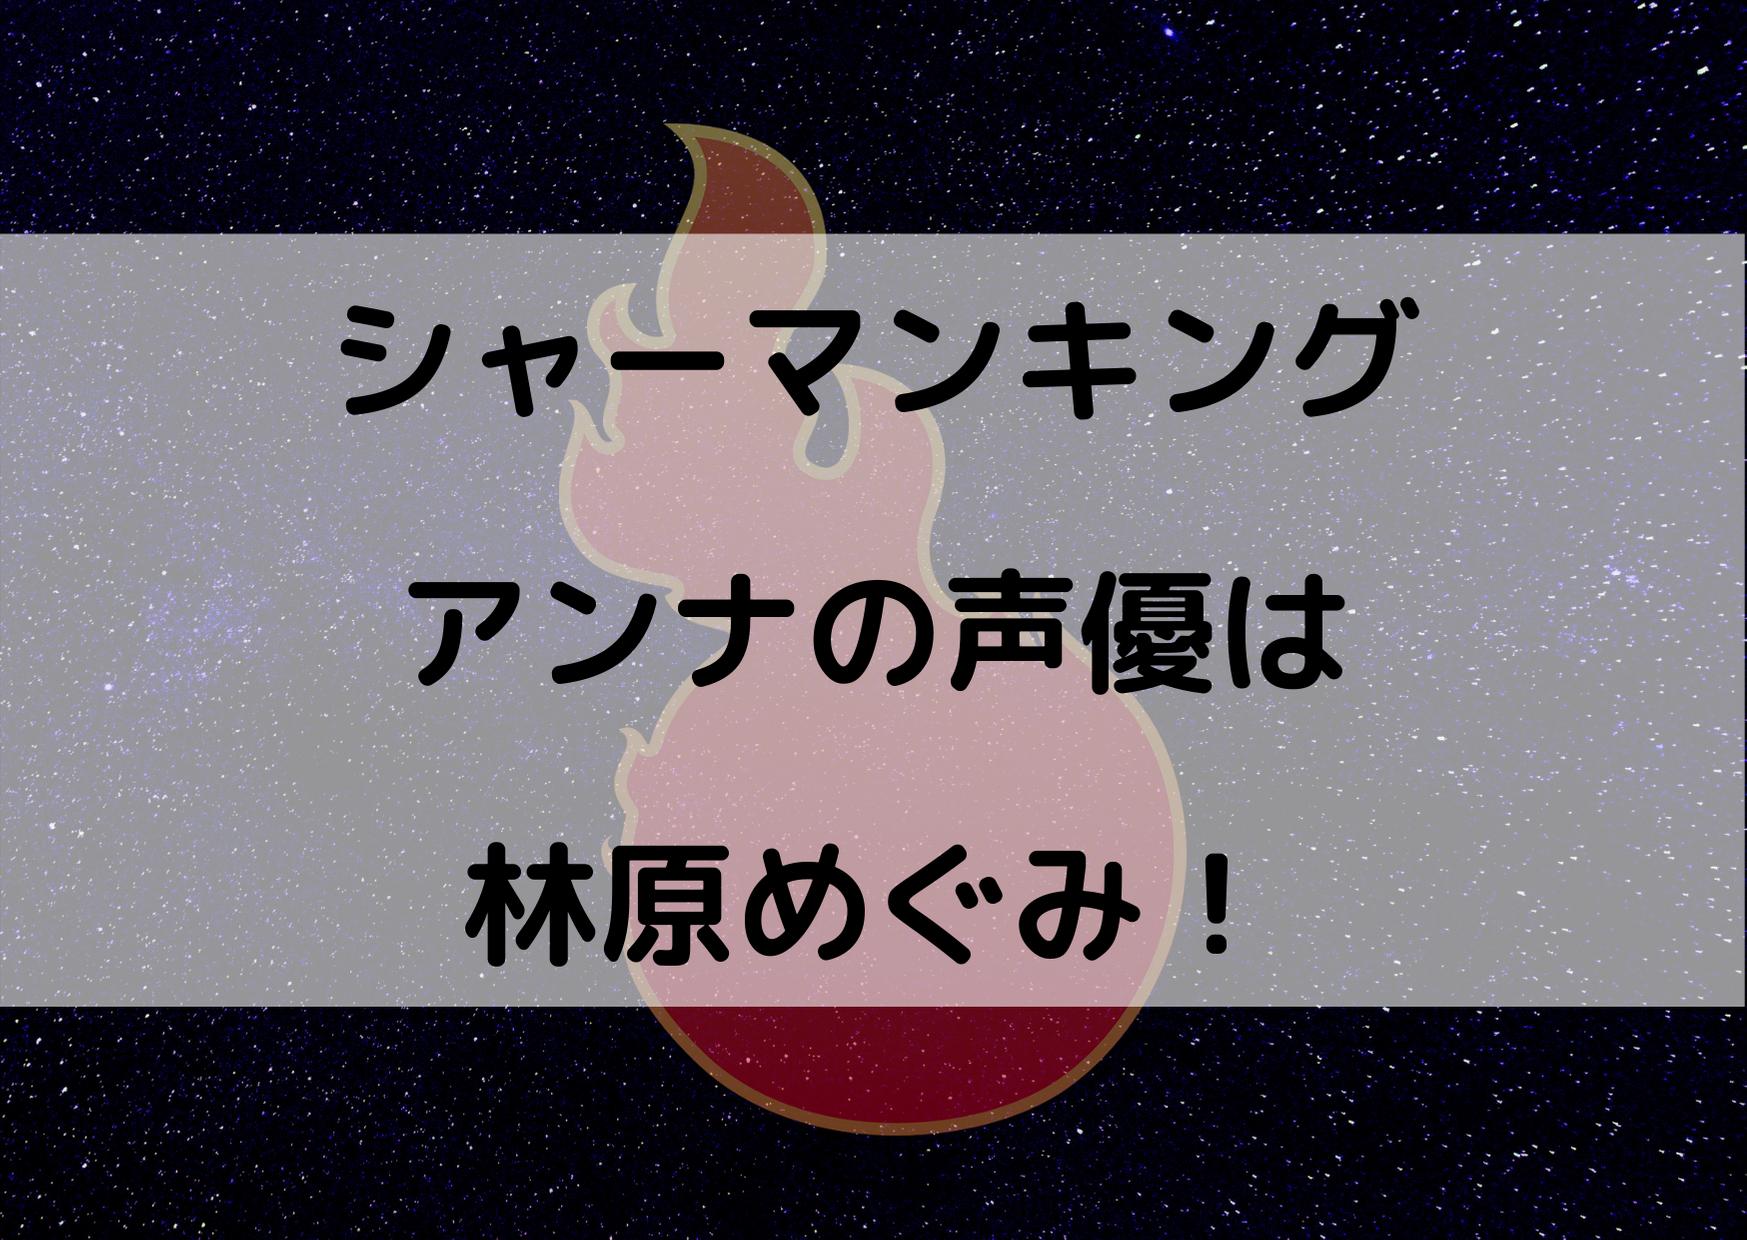 シャーマンキング,アンナ,声優